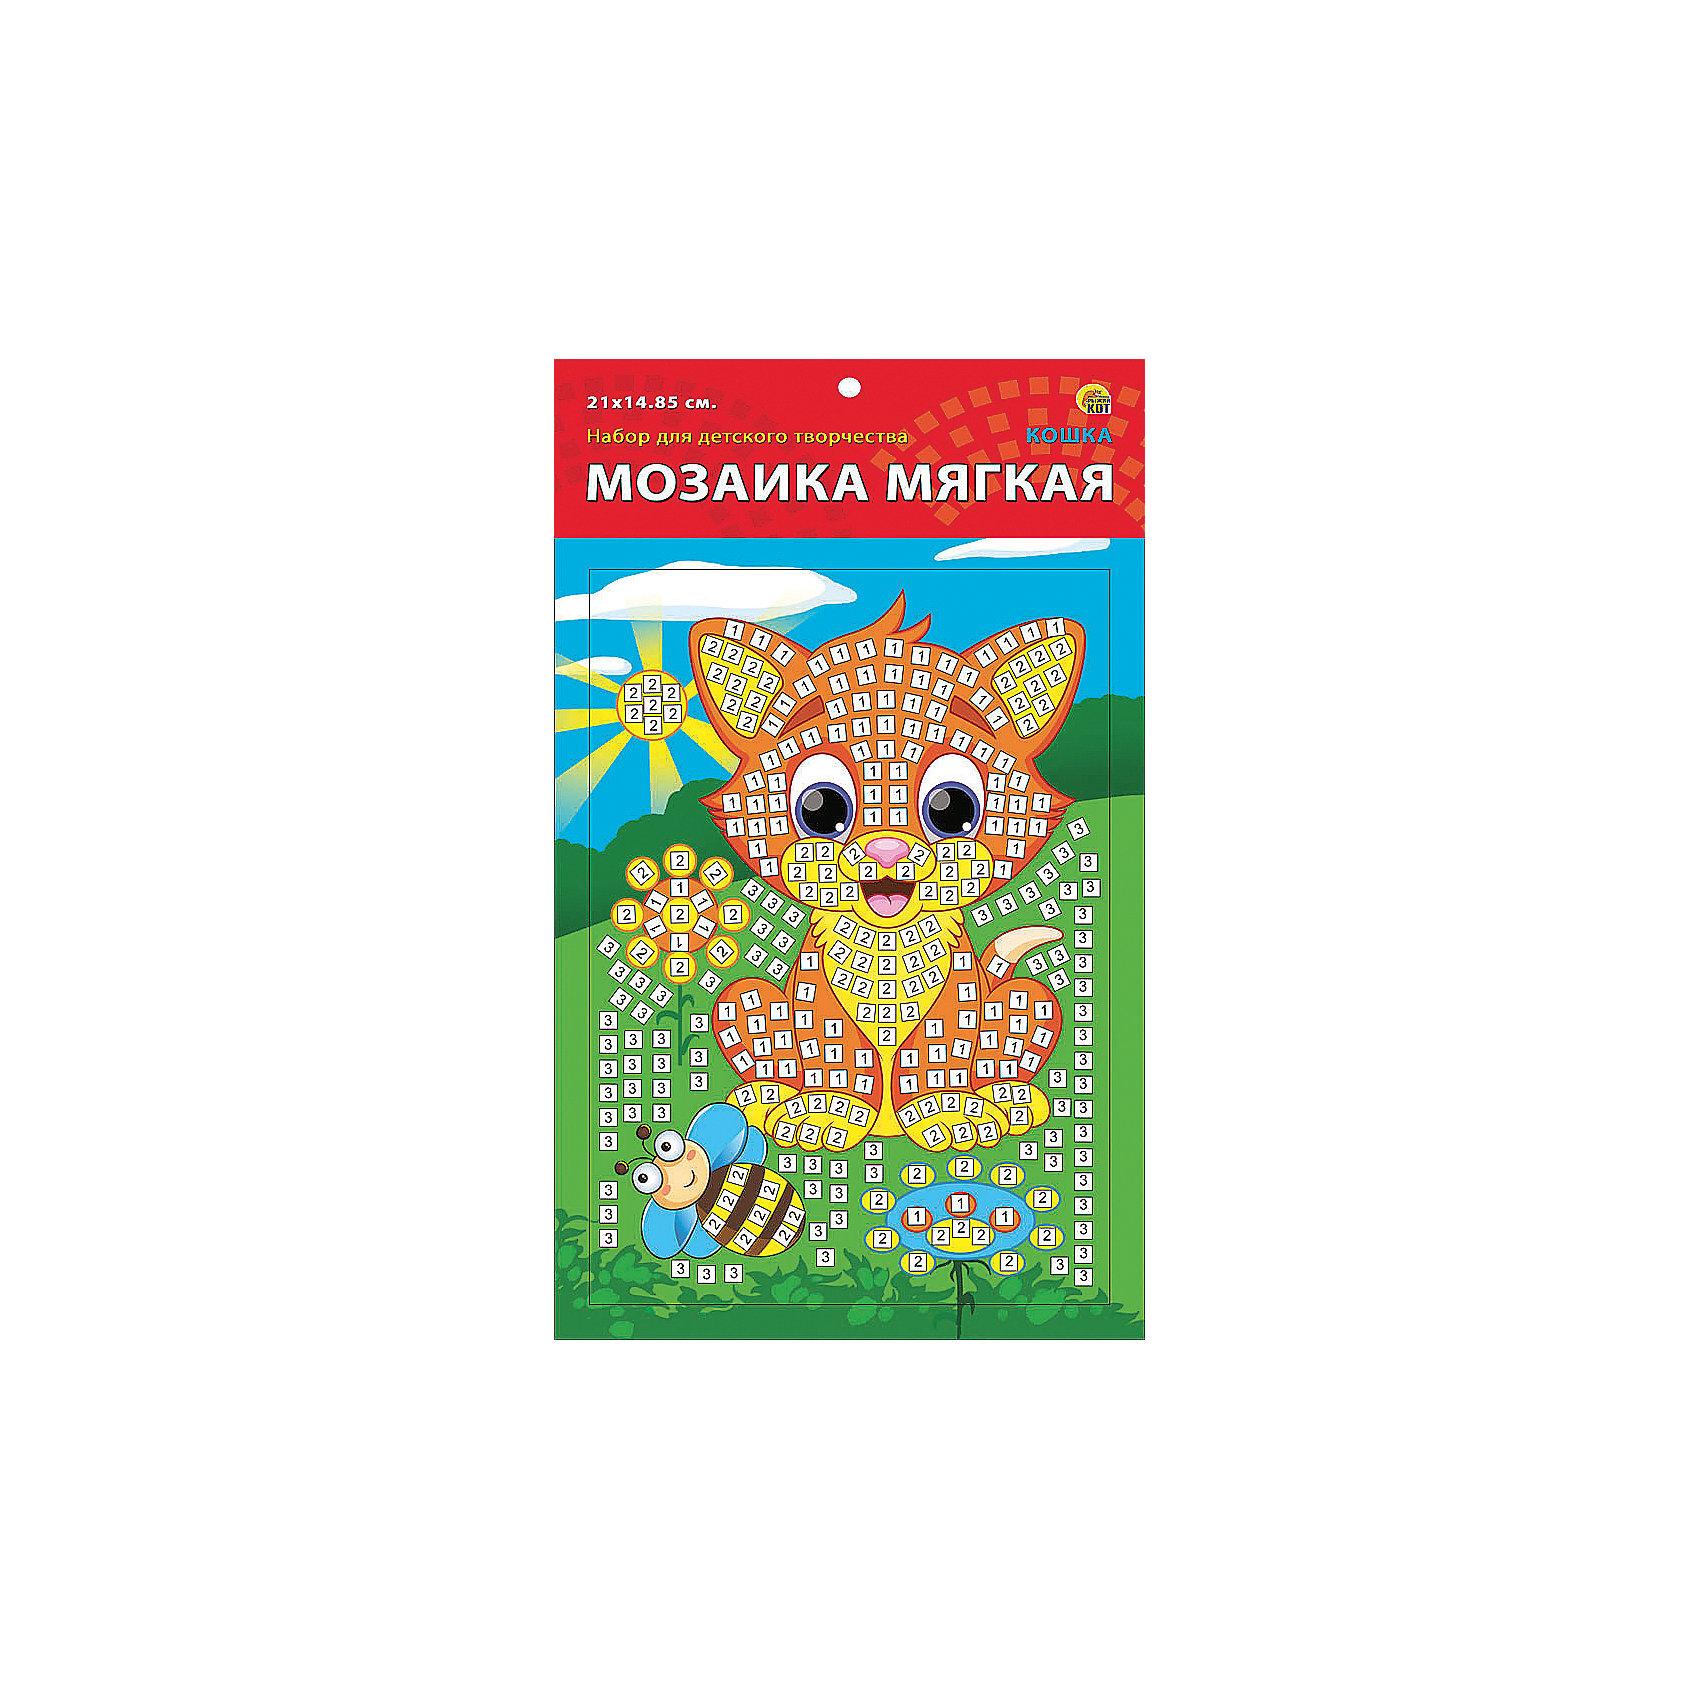 Издательство Рыжий кот Мягкая мозаика Кошка формат А5 (21х15 см) издательство рыжий кот мягкая мозаика обезьянка формат а5 21х15 см